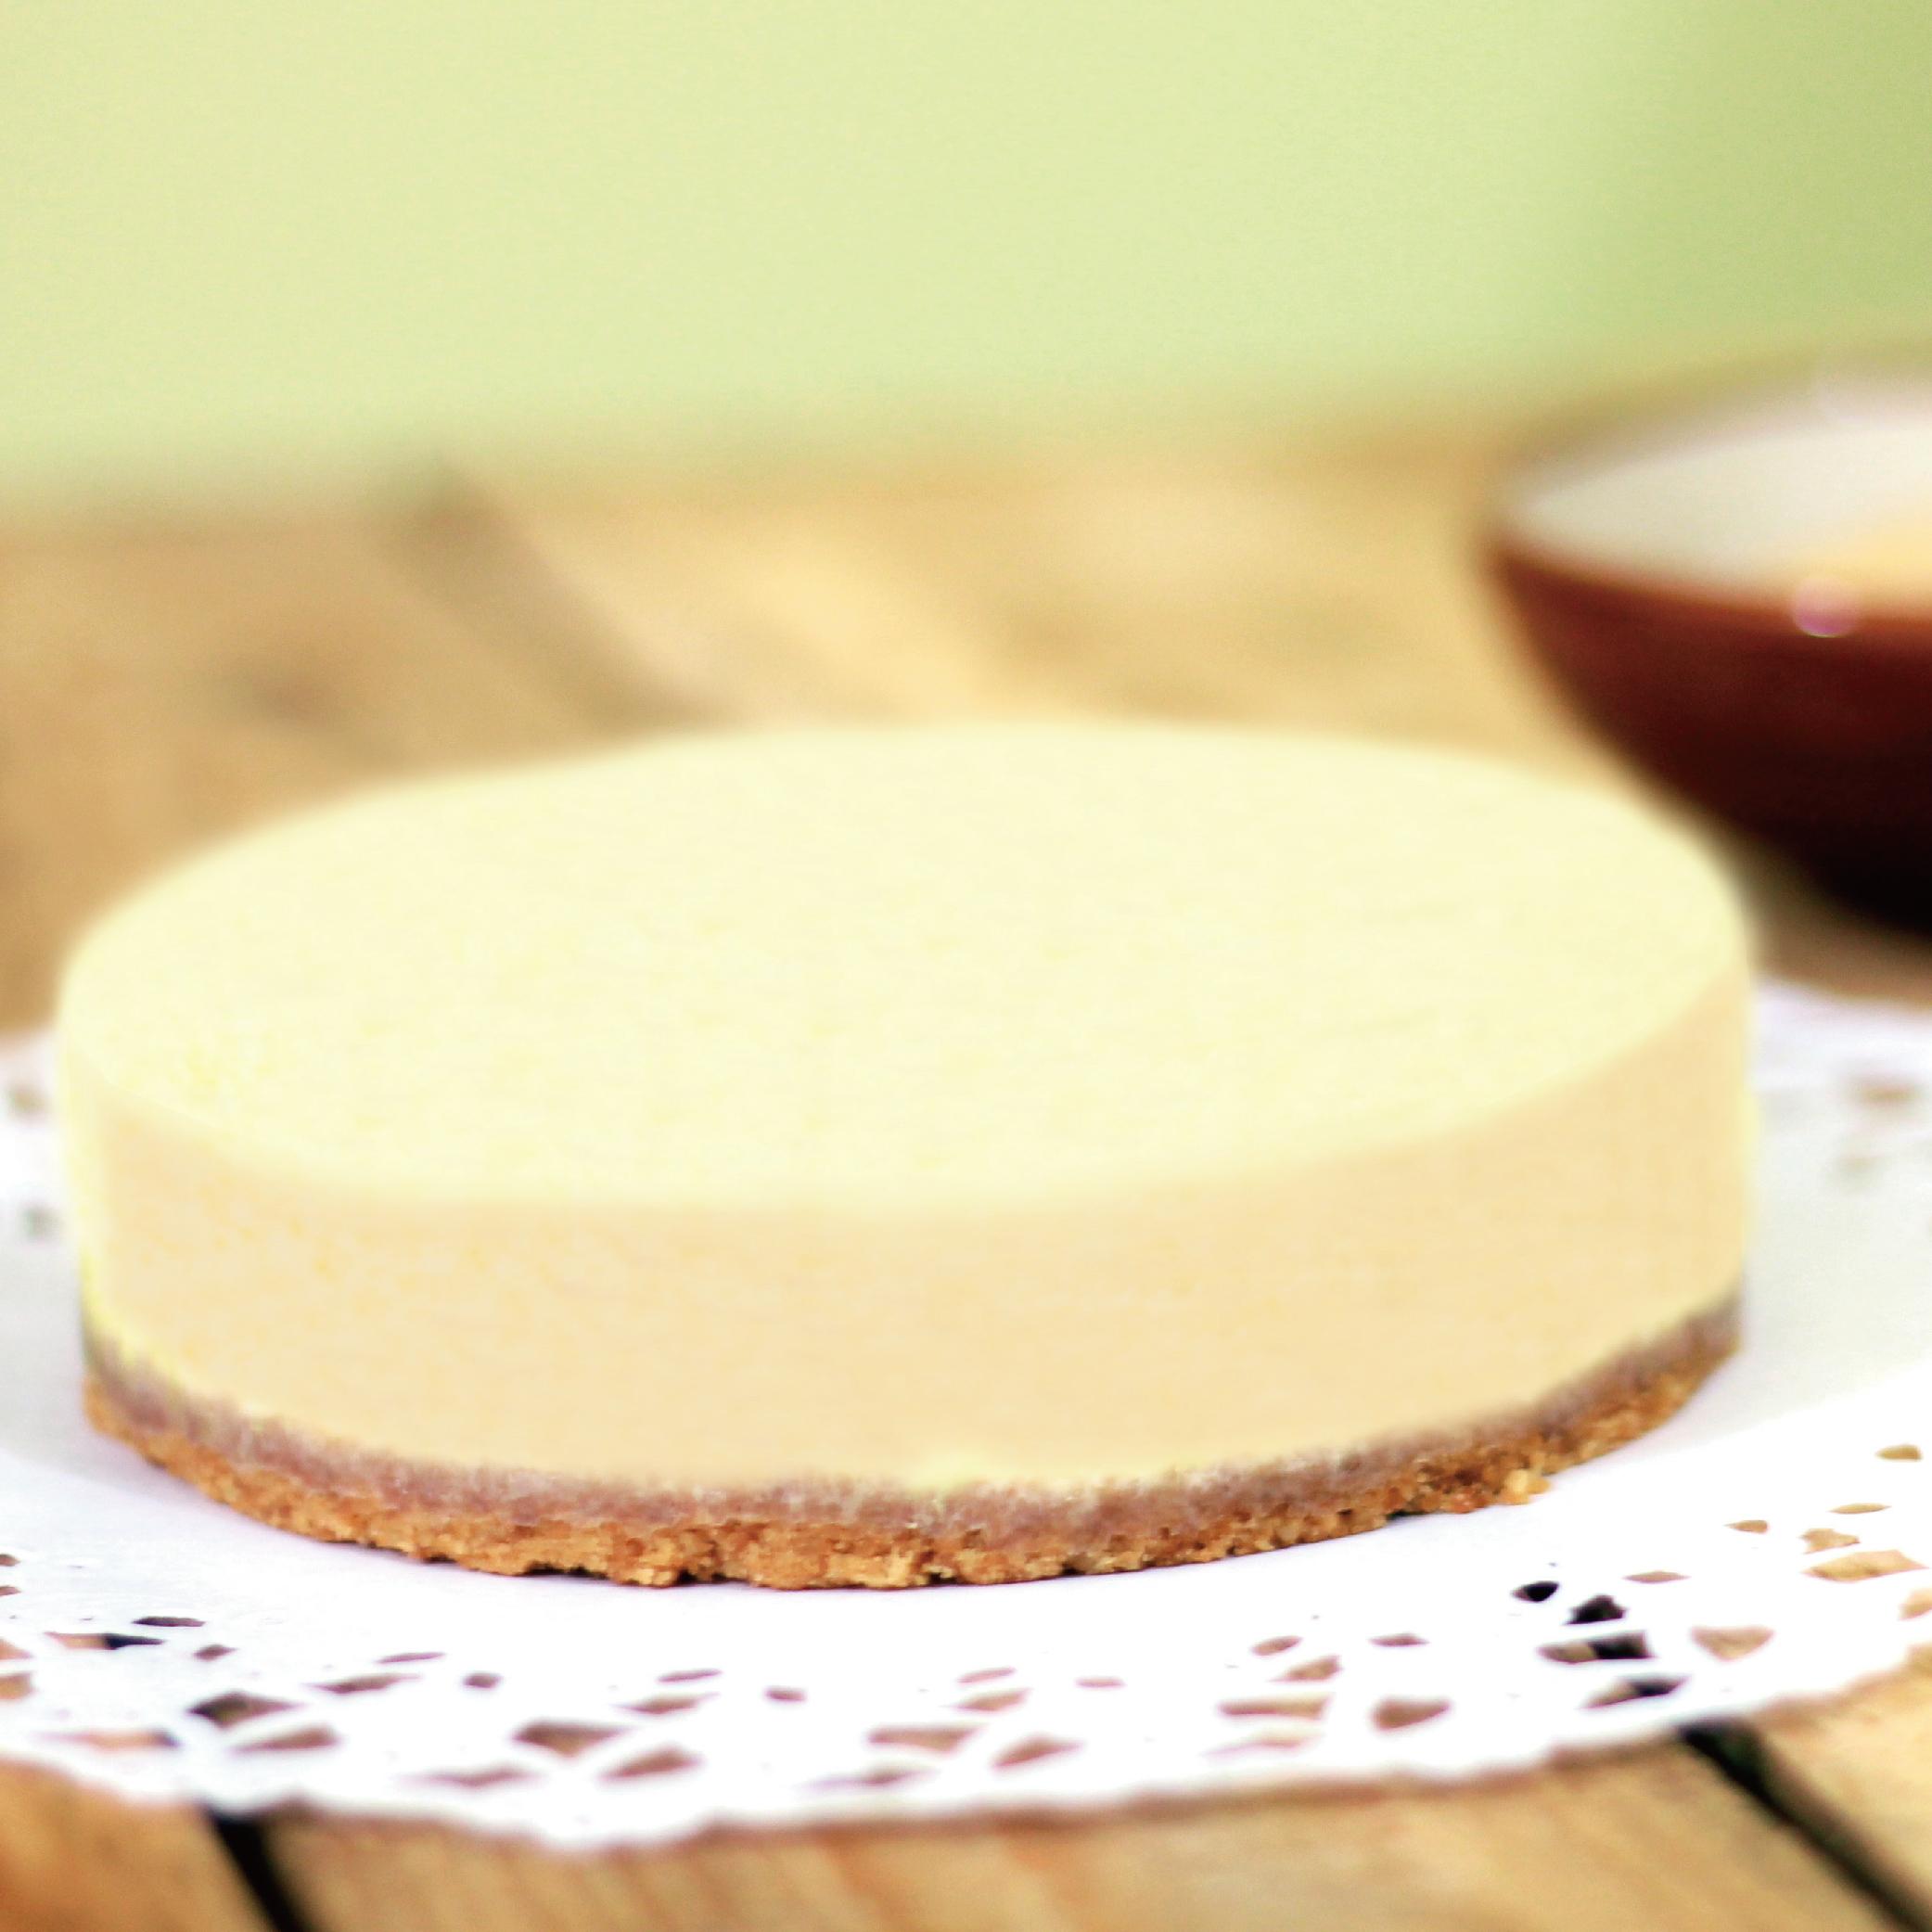 ★ 5吋 原味種乳酪 (重乳酪) ★ 濃郁的歐洲進口奶油起士與手工製作杏仁粉餅底,口感綿密細緻,濃郁香醇,多層次口感,驚豔你的味蕾~!